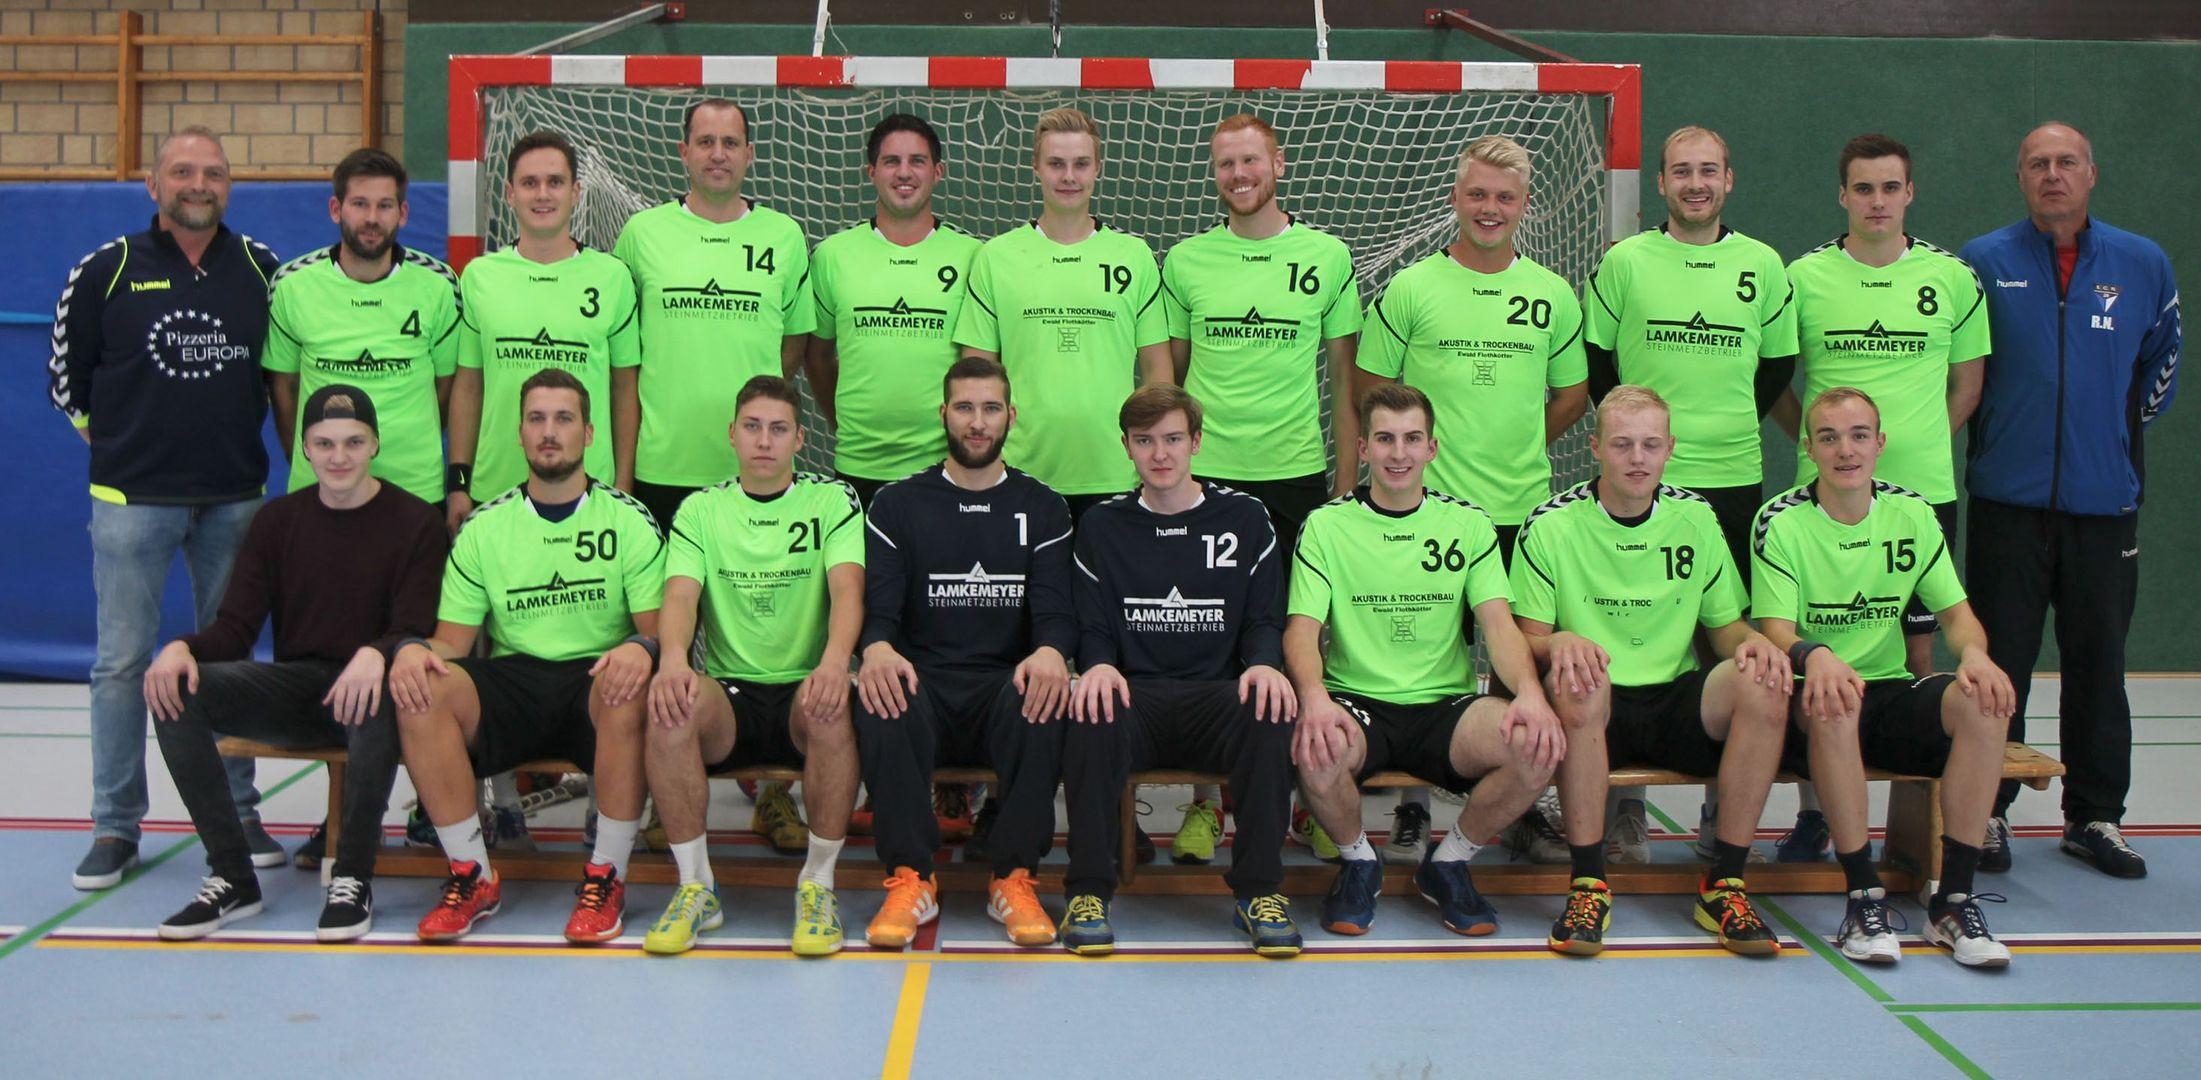 Handballabteilung SC 28 Nordwalde e.V.